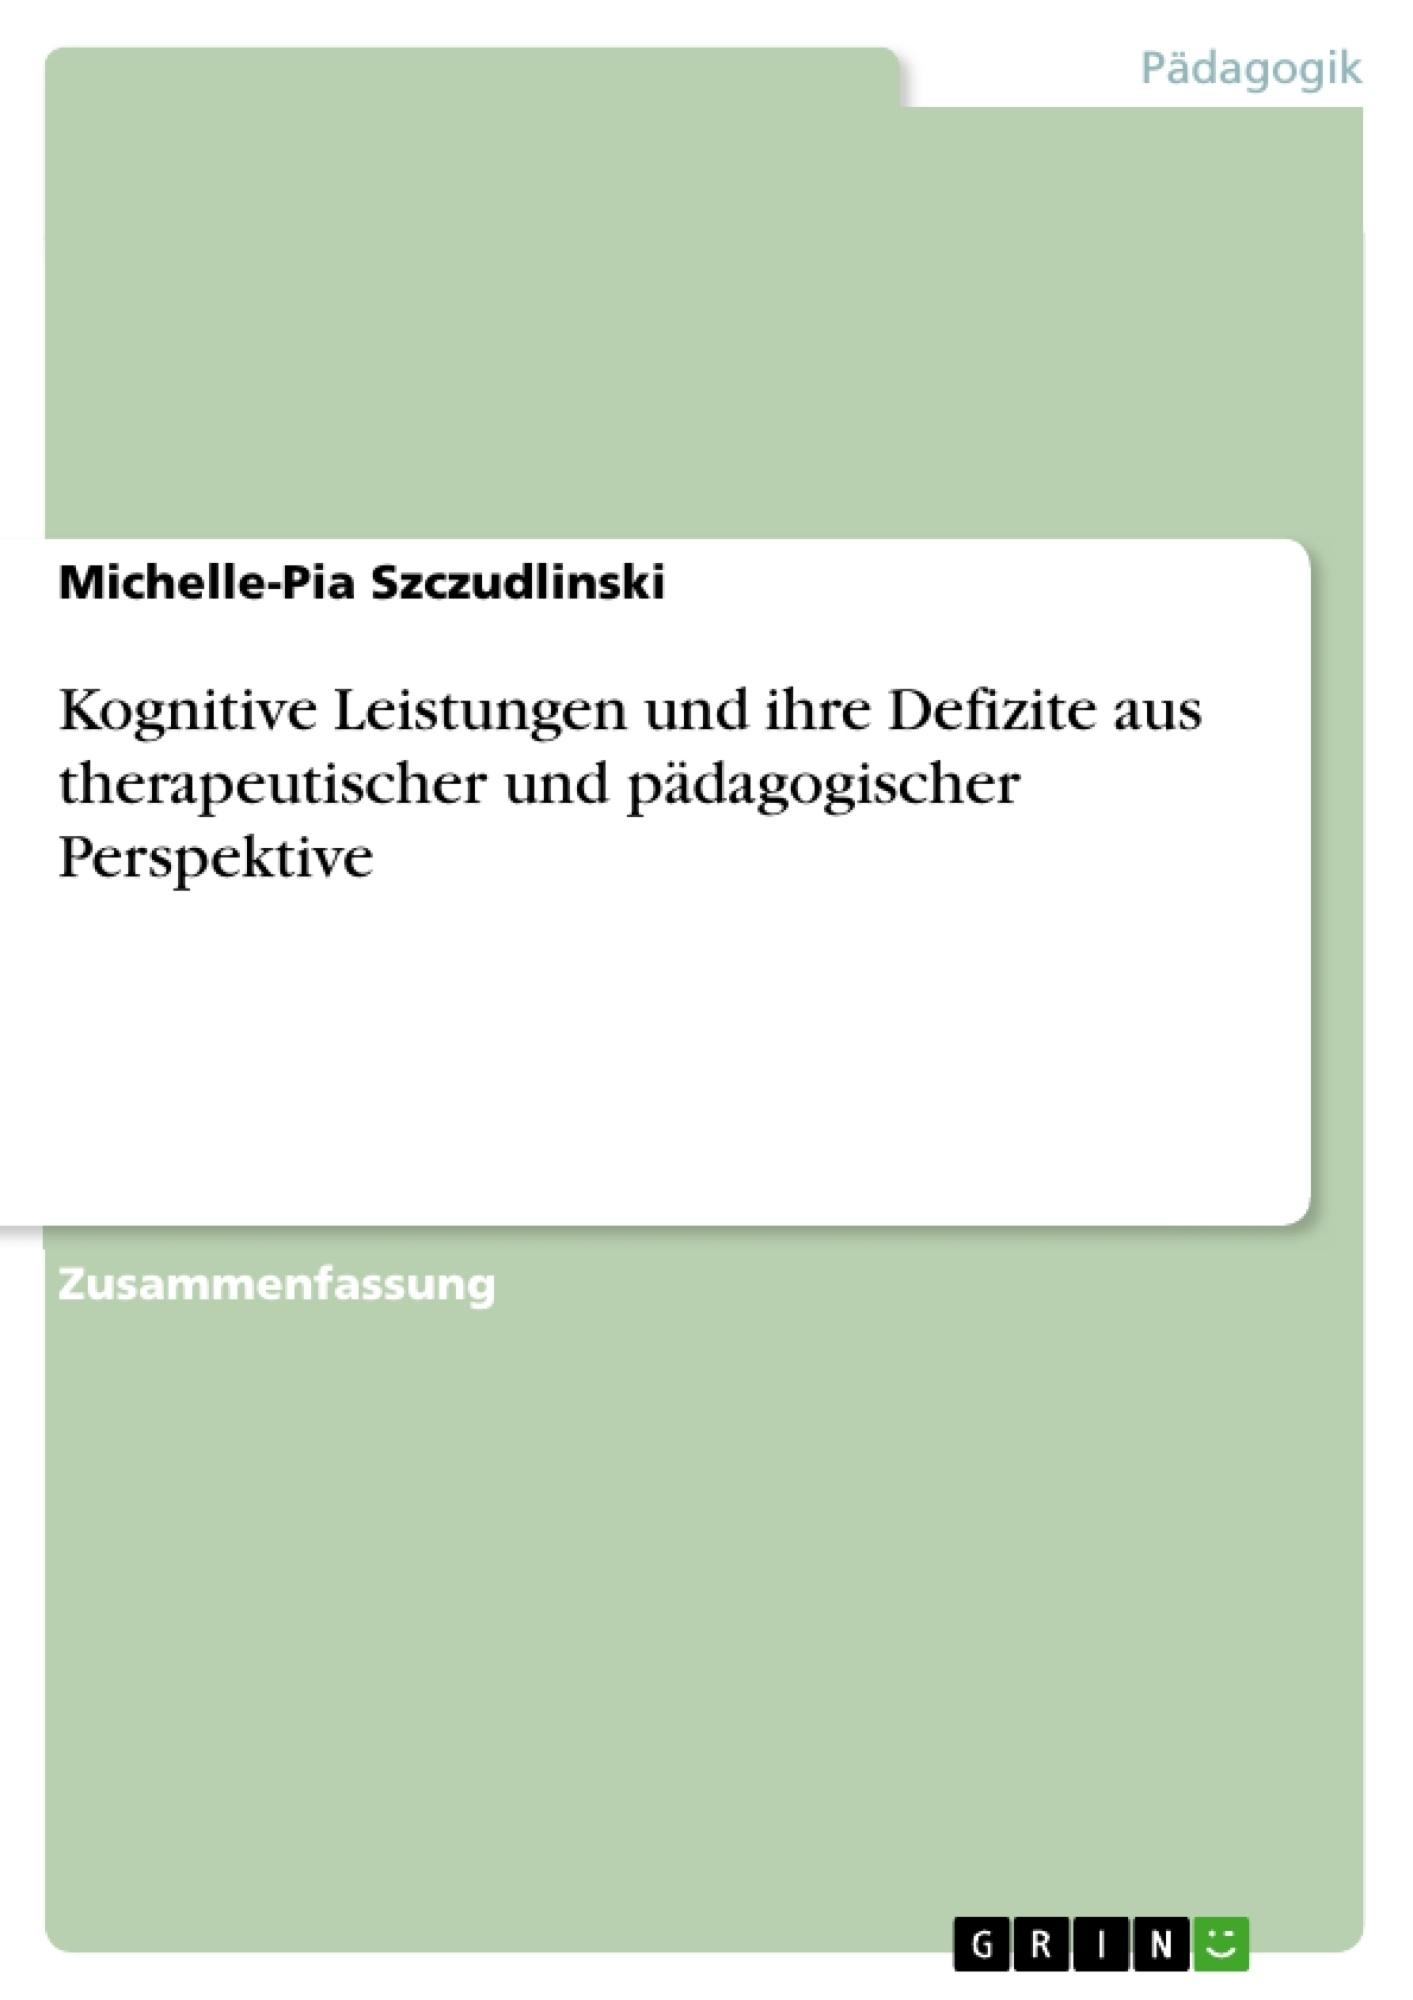 Titel: Kognitive Leistungen und ihre Defizite aus therapeutischer und pädagogischer Perspektive